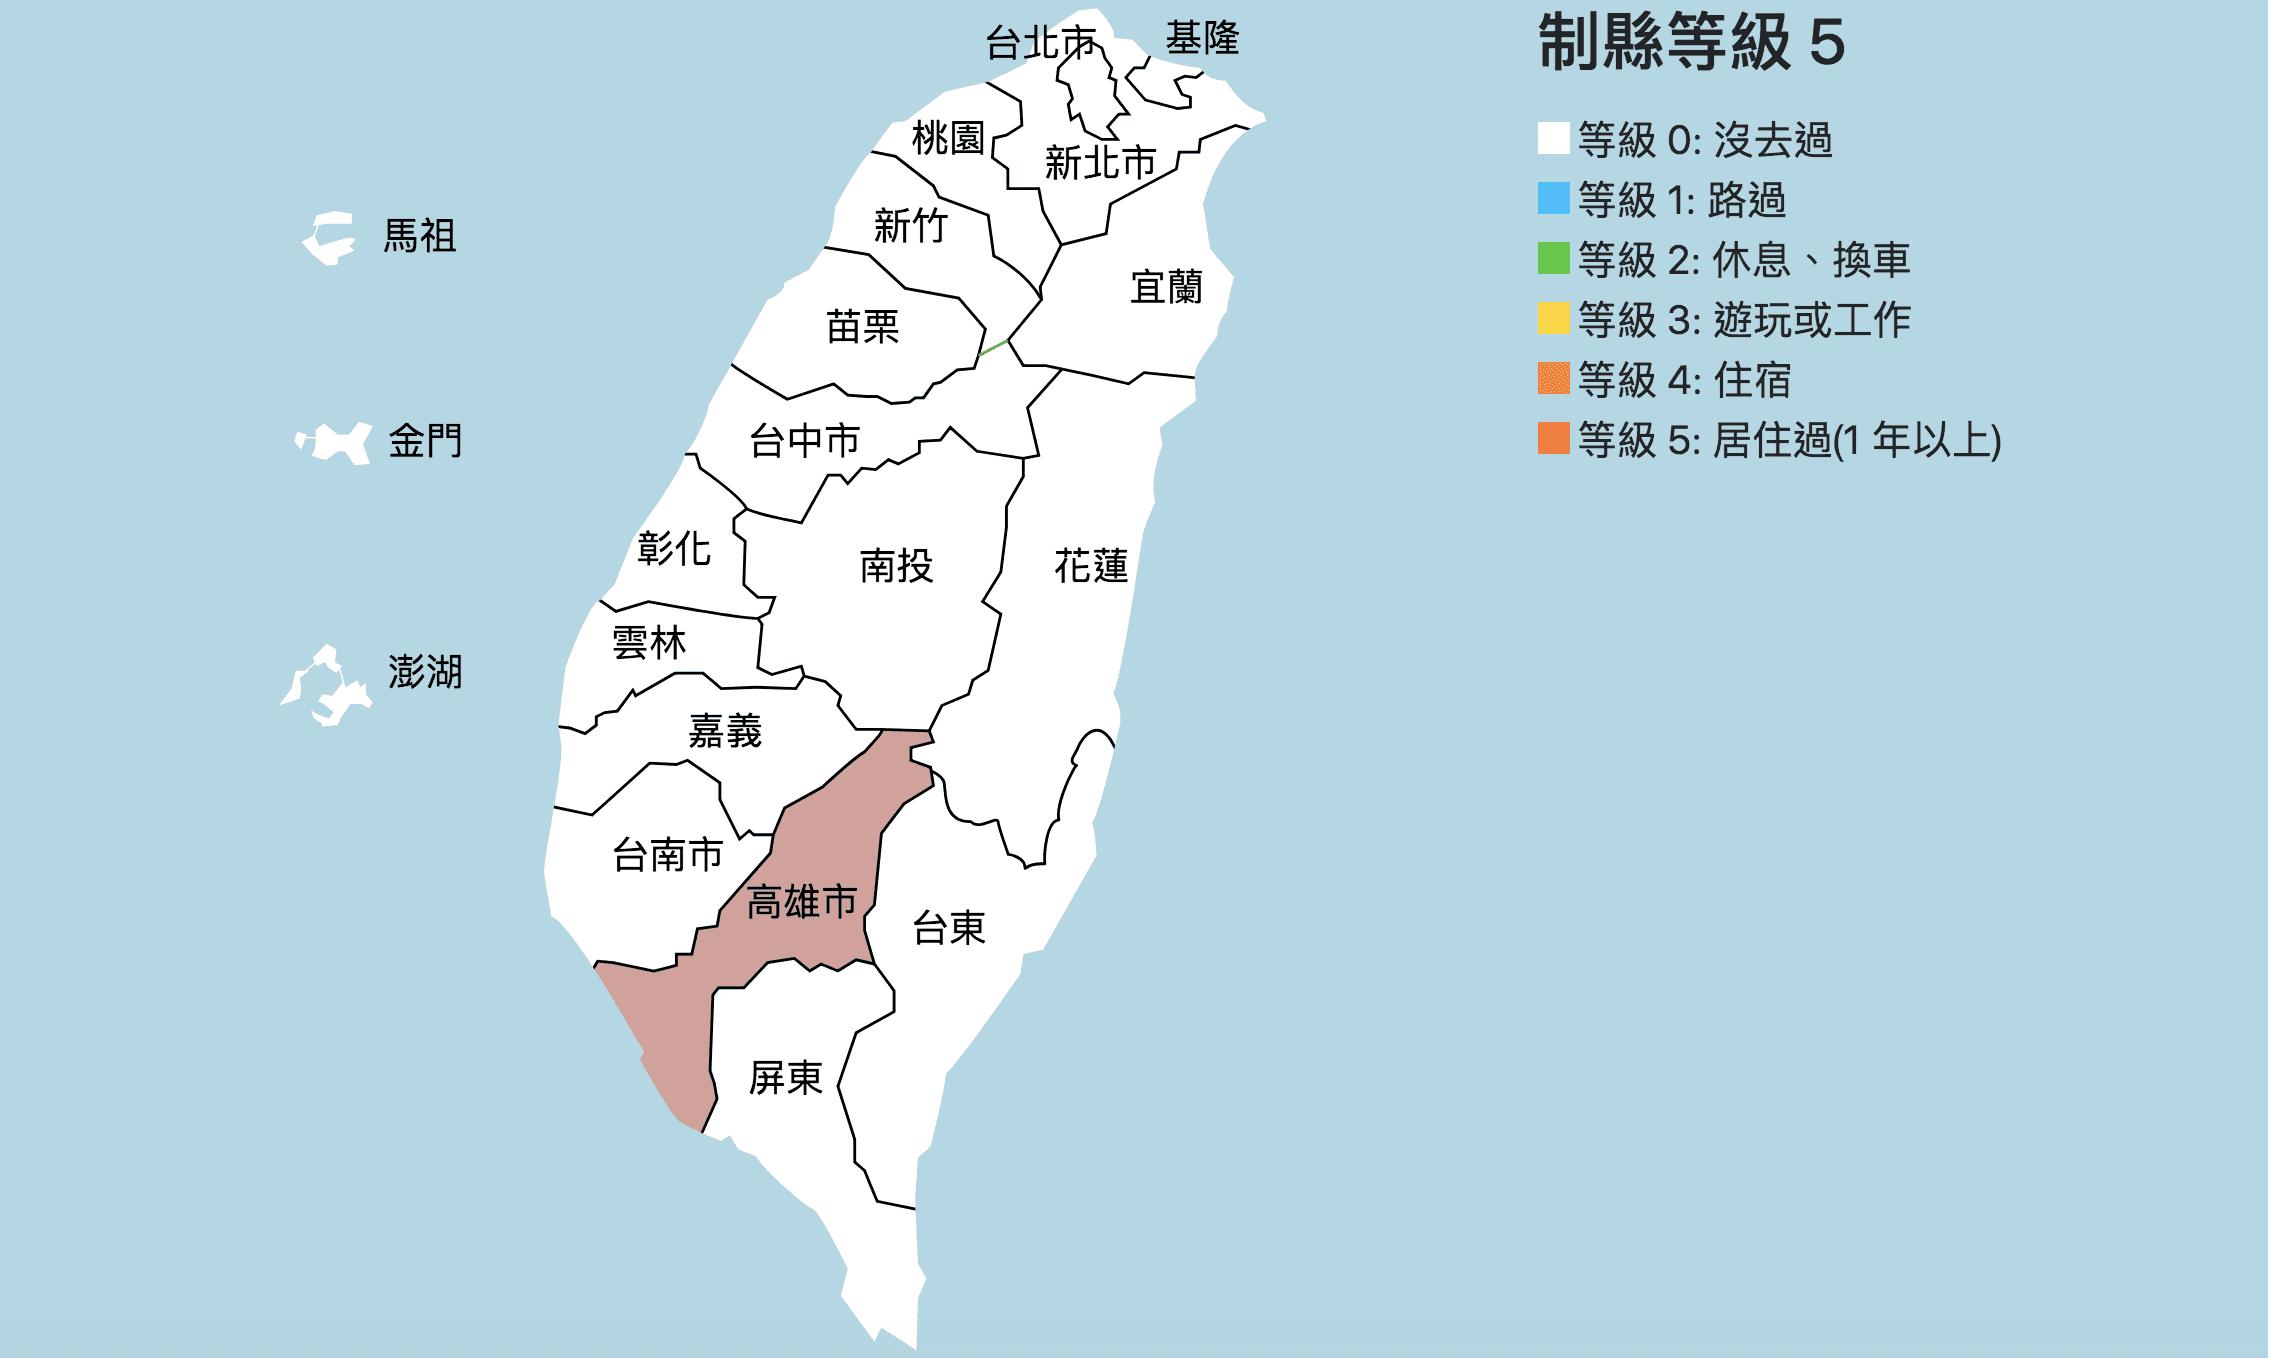 進階版台灣制縣等級/制島等級,比拼日本詳細版本喔~天兒,還有多少台灣要完成啊?!